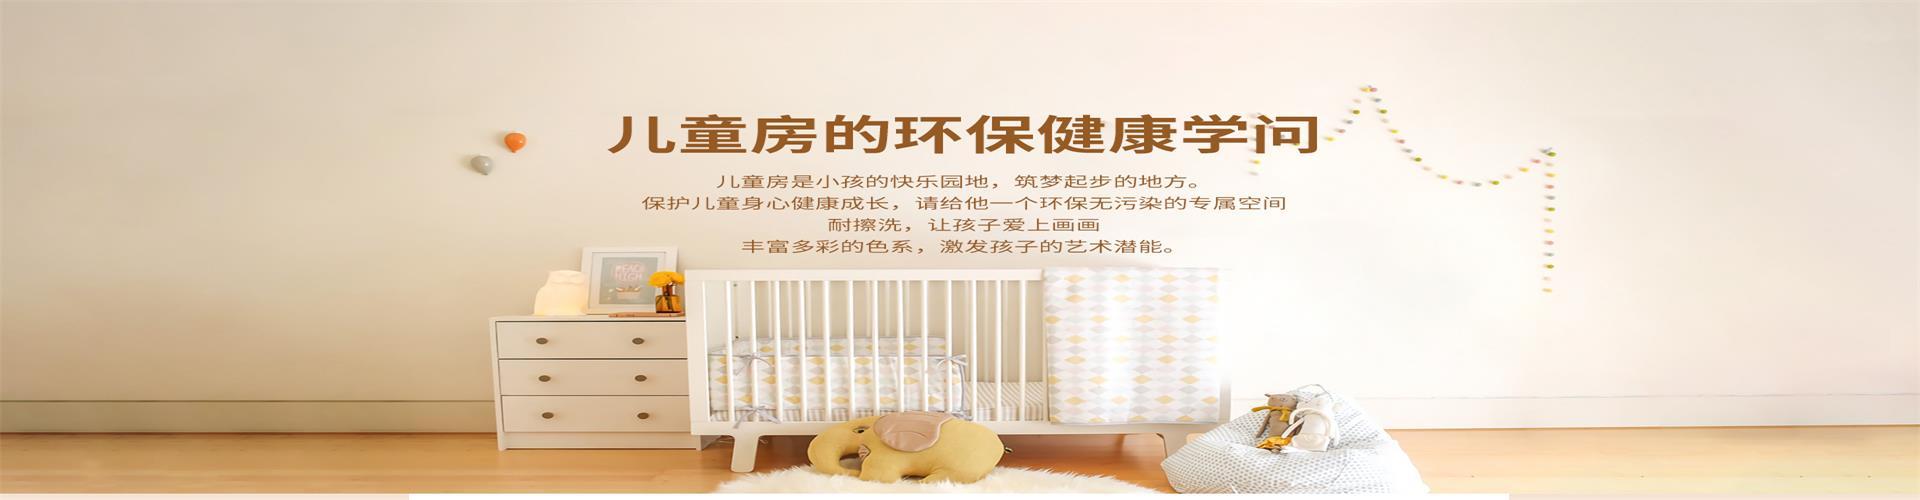 儿童房用漆的环保健康学问